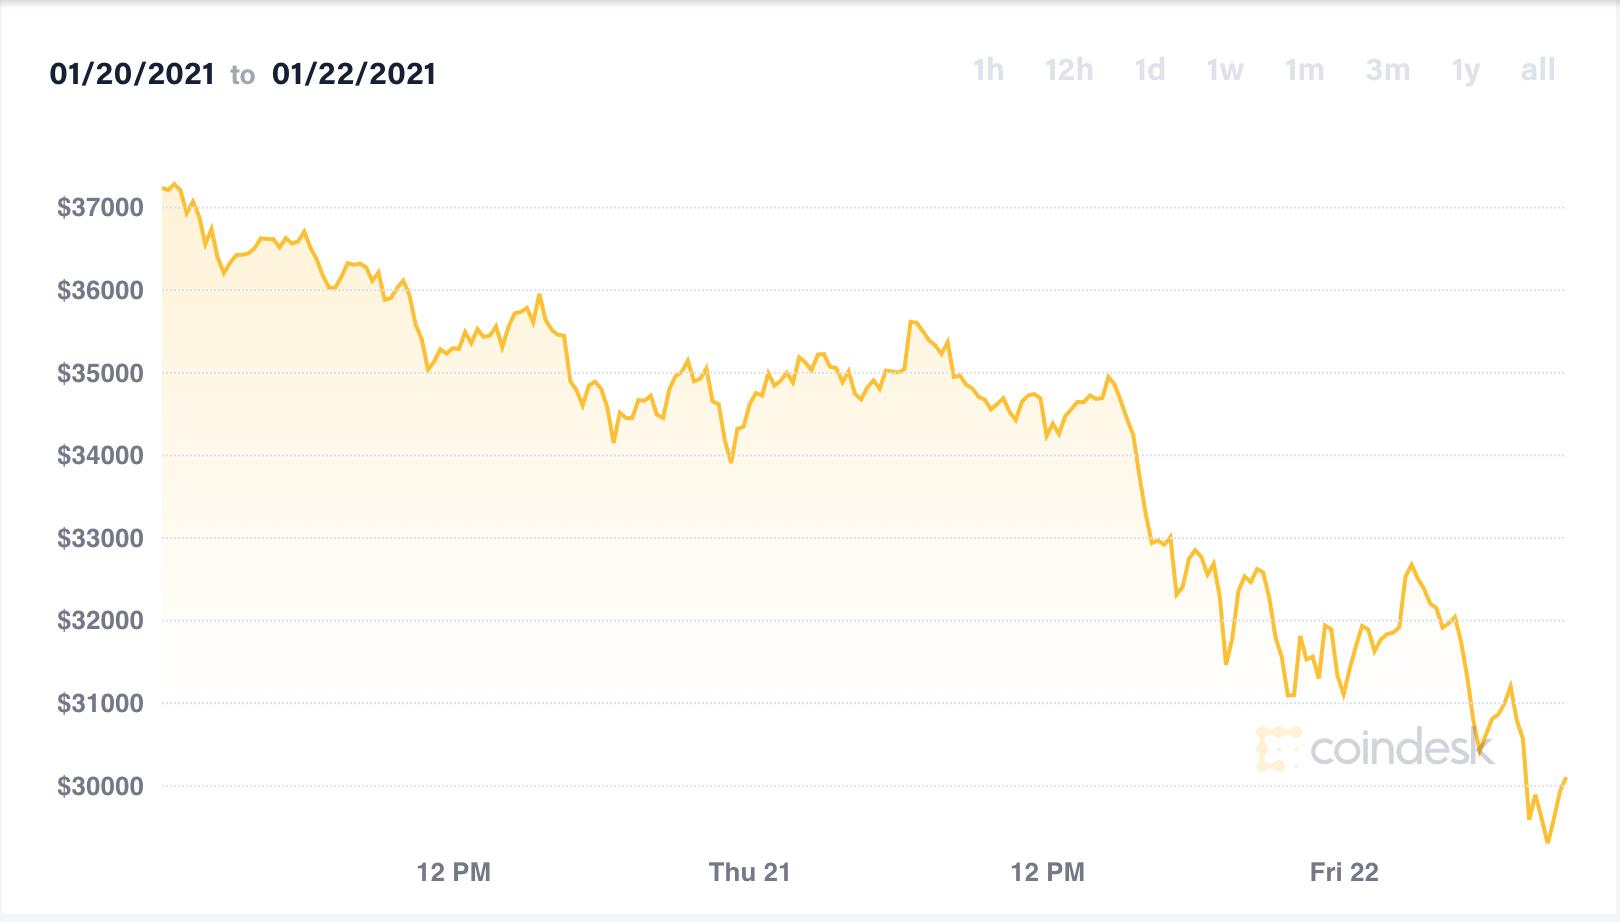 Giá Bitcoin giảm mạnh trong vòng 24 giờ. Ảnh: Coindesk.